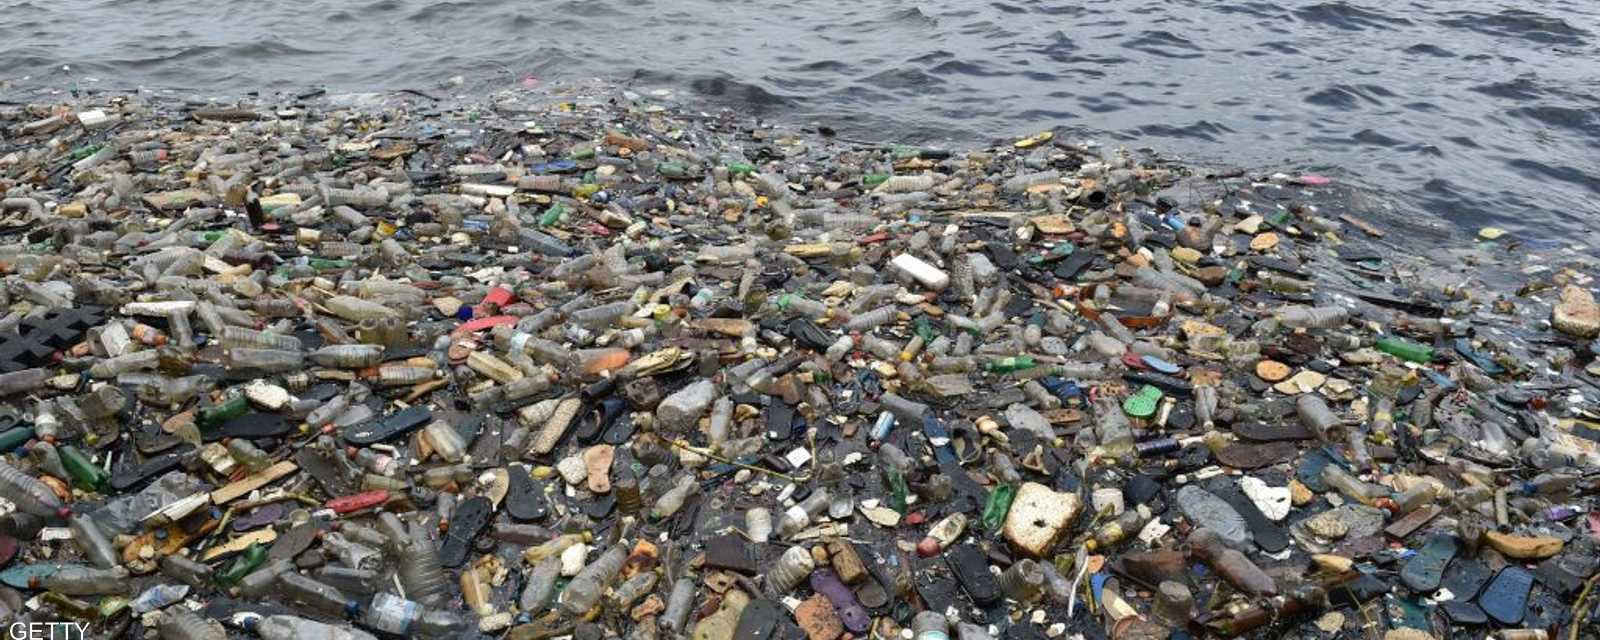 أعلنت الأمم المتحدة أن نحو 180 دولة توصلت إلى اتفاق، الجمعة، يستهدف تحقيق خفض حاد في كميات مخلفات البلاستيك.